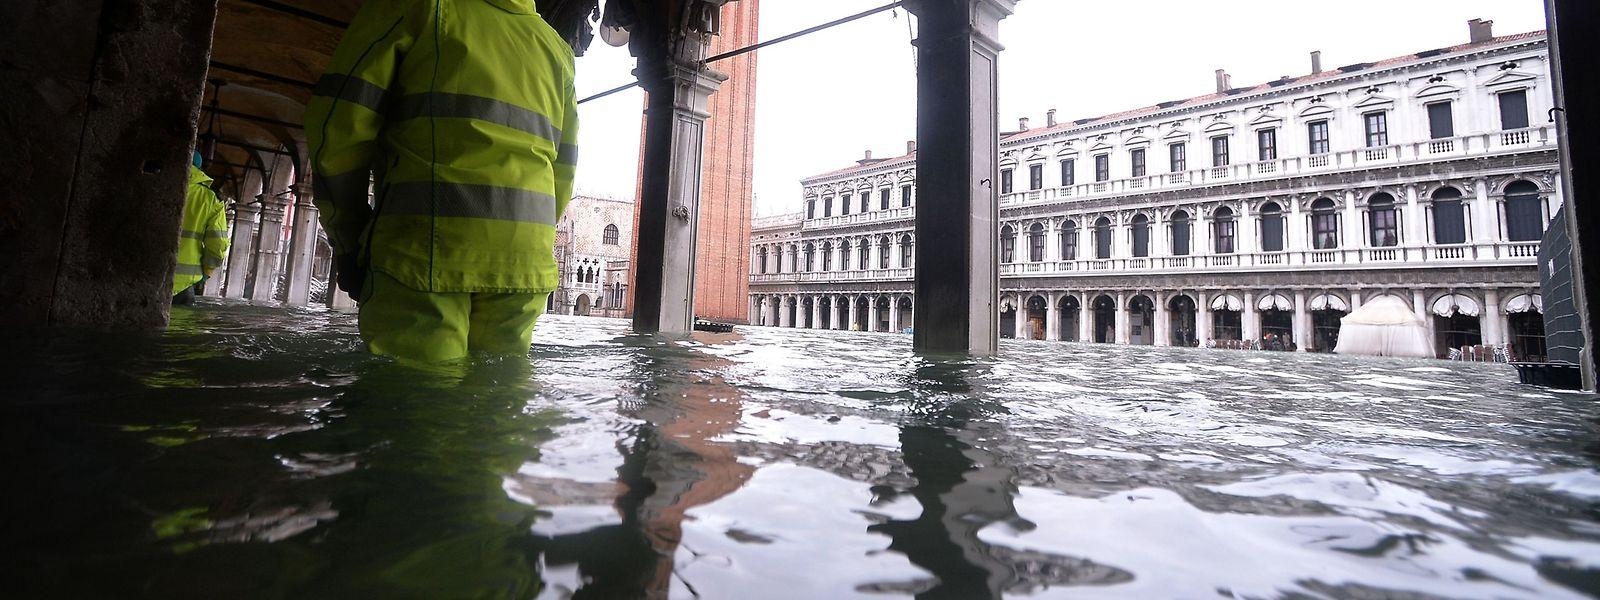 Überflutete Arkadengänge am Markusplatz am Sonntag.